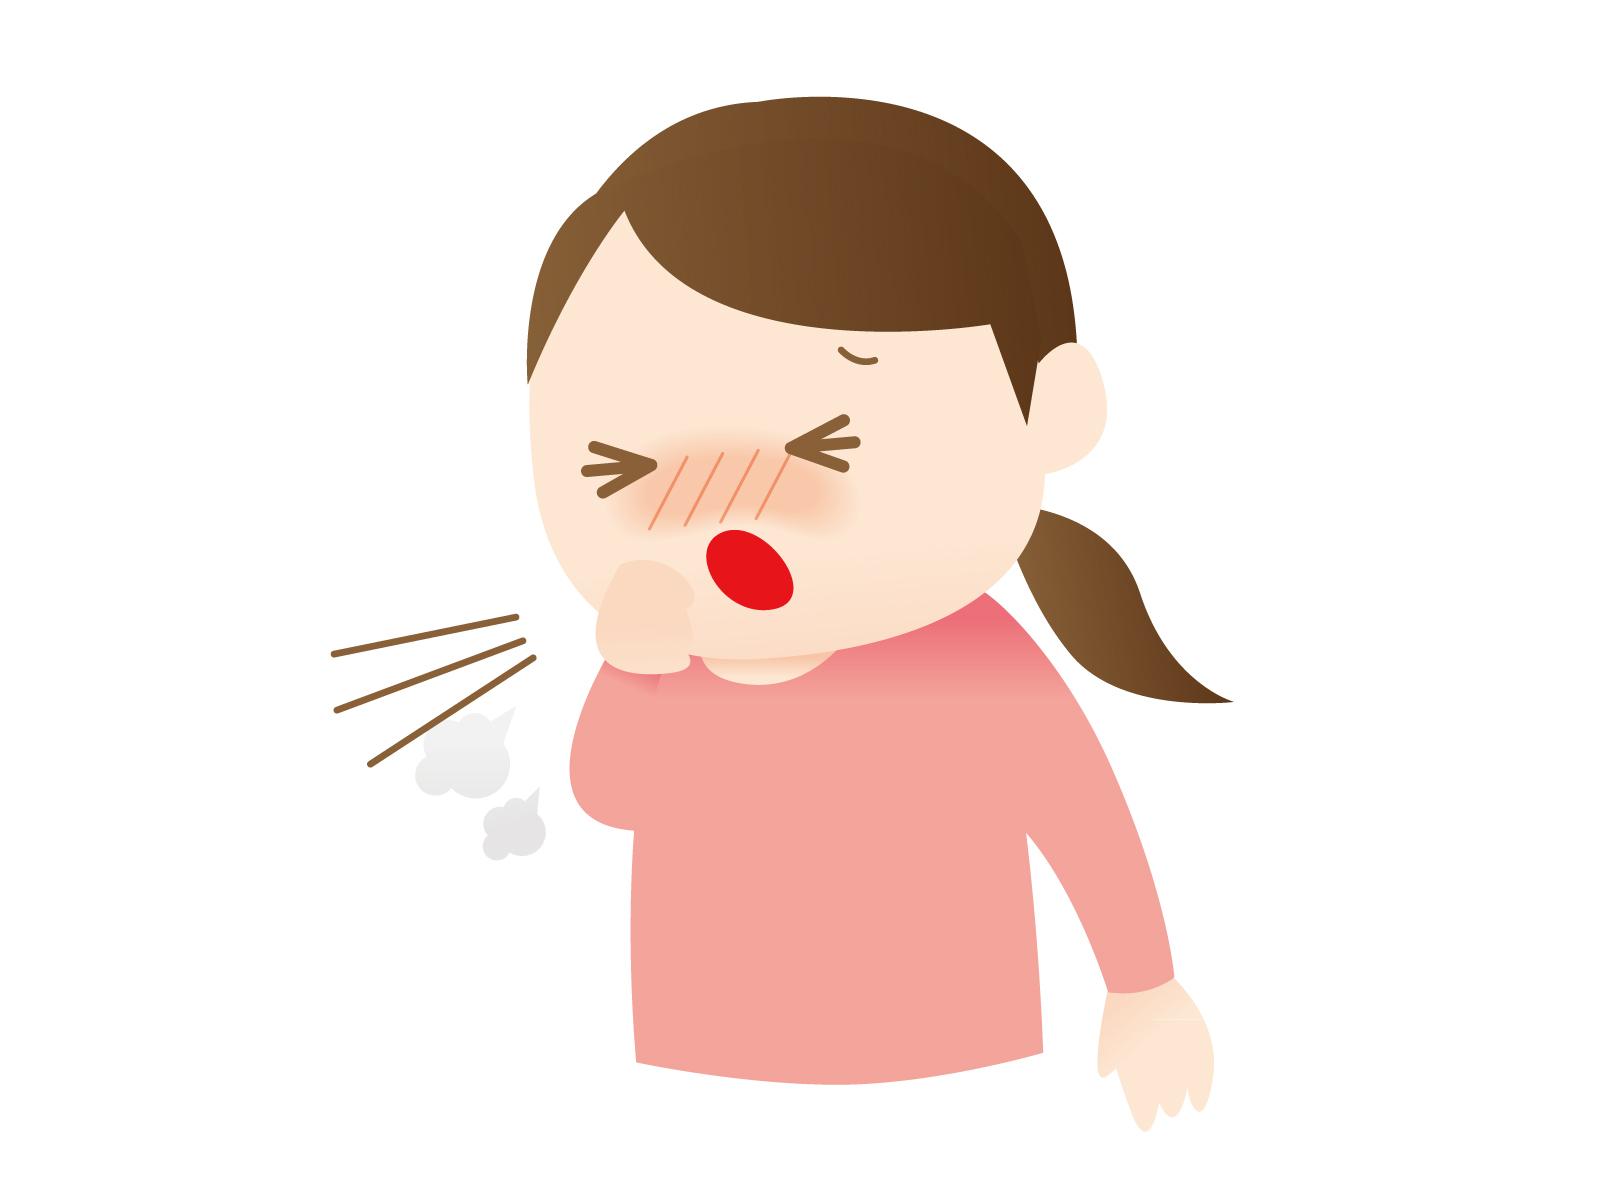 喉がかゆい!咳が止まらない原因とは?夜や朝に咳が出るのは?